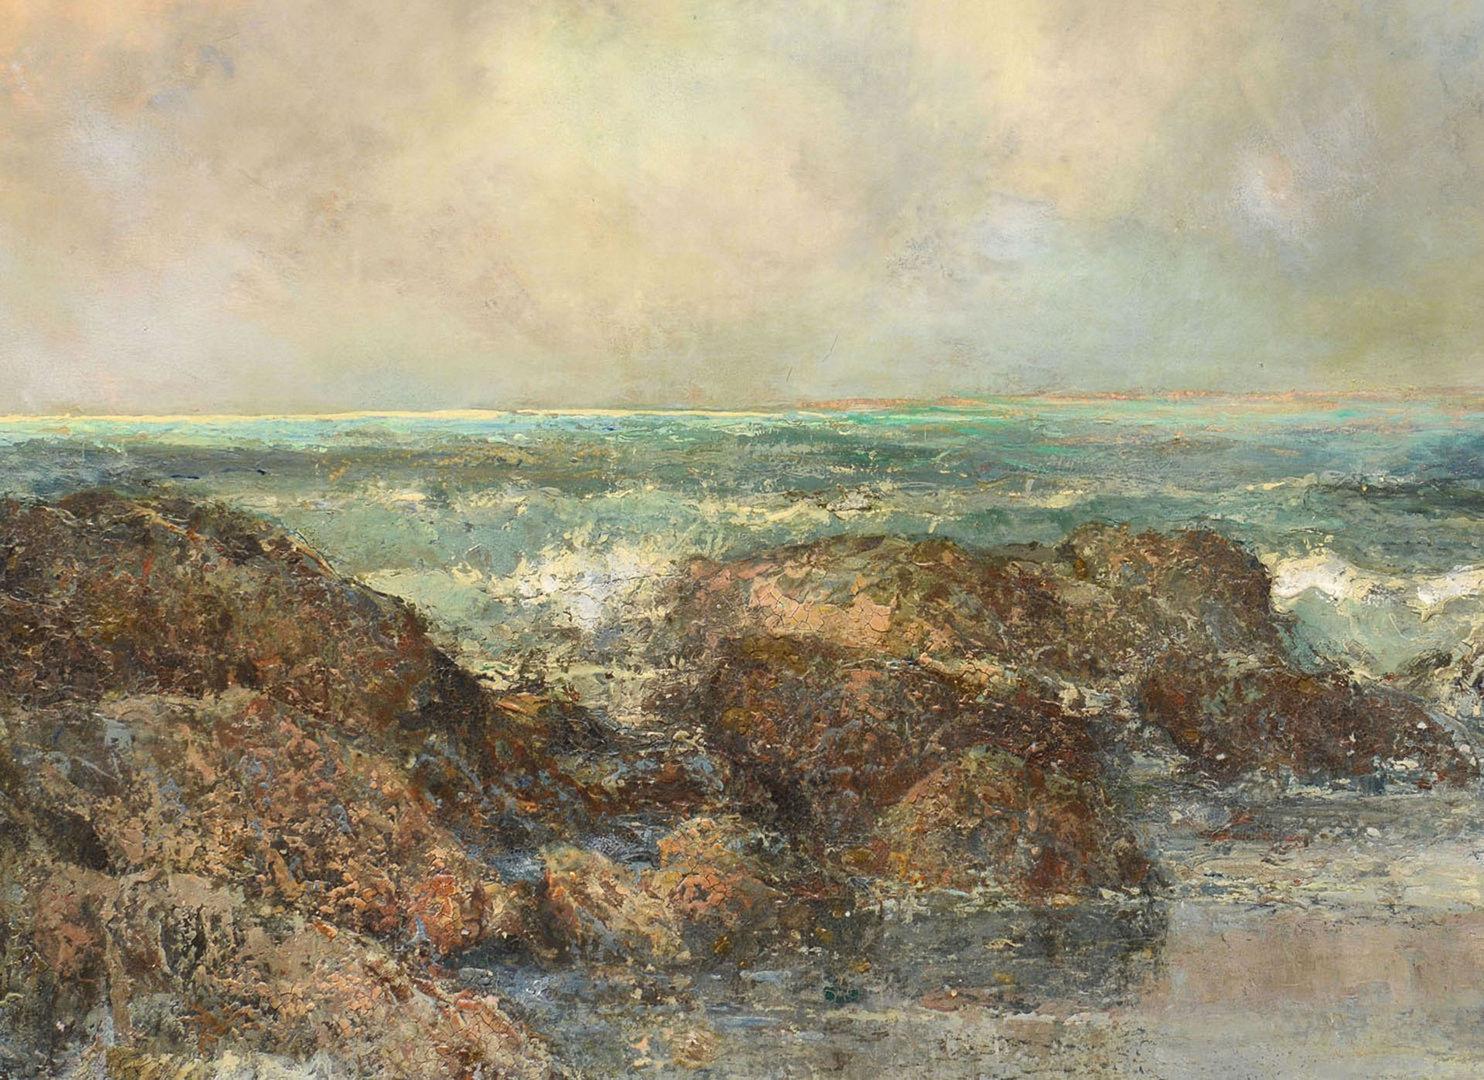 Lot 181: Prosper Louis Senat oil on canvas, South Shore, Be